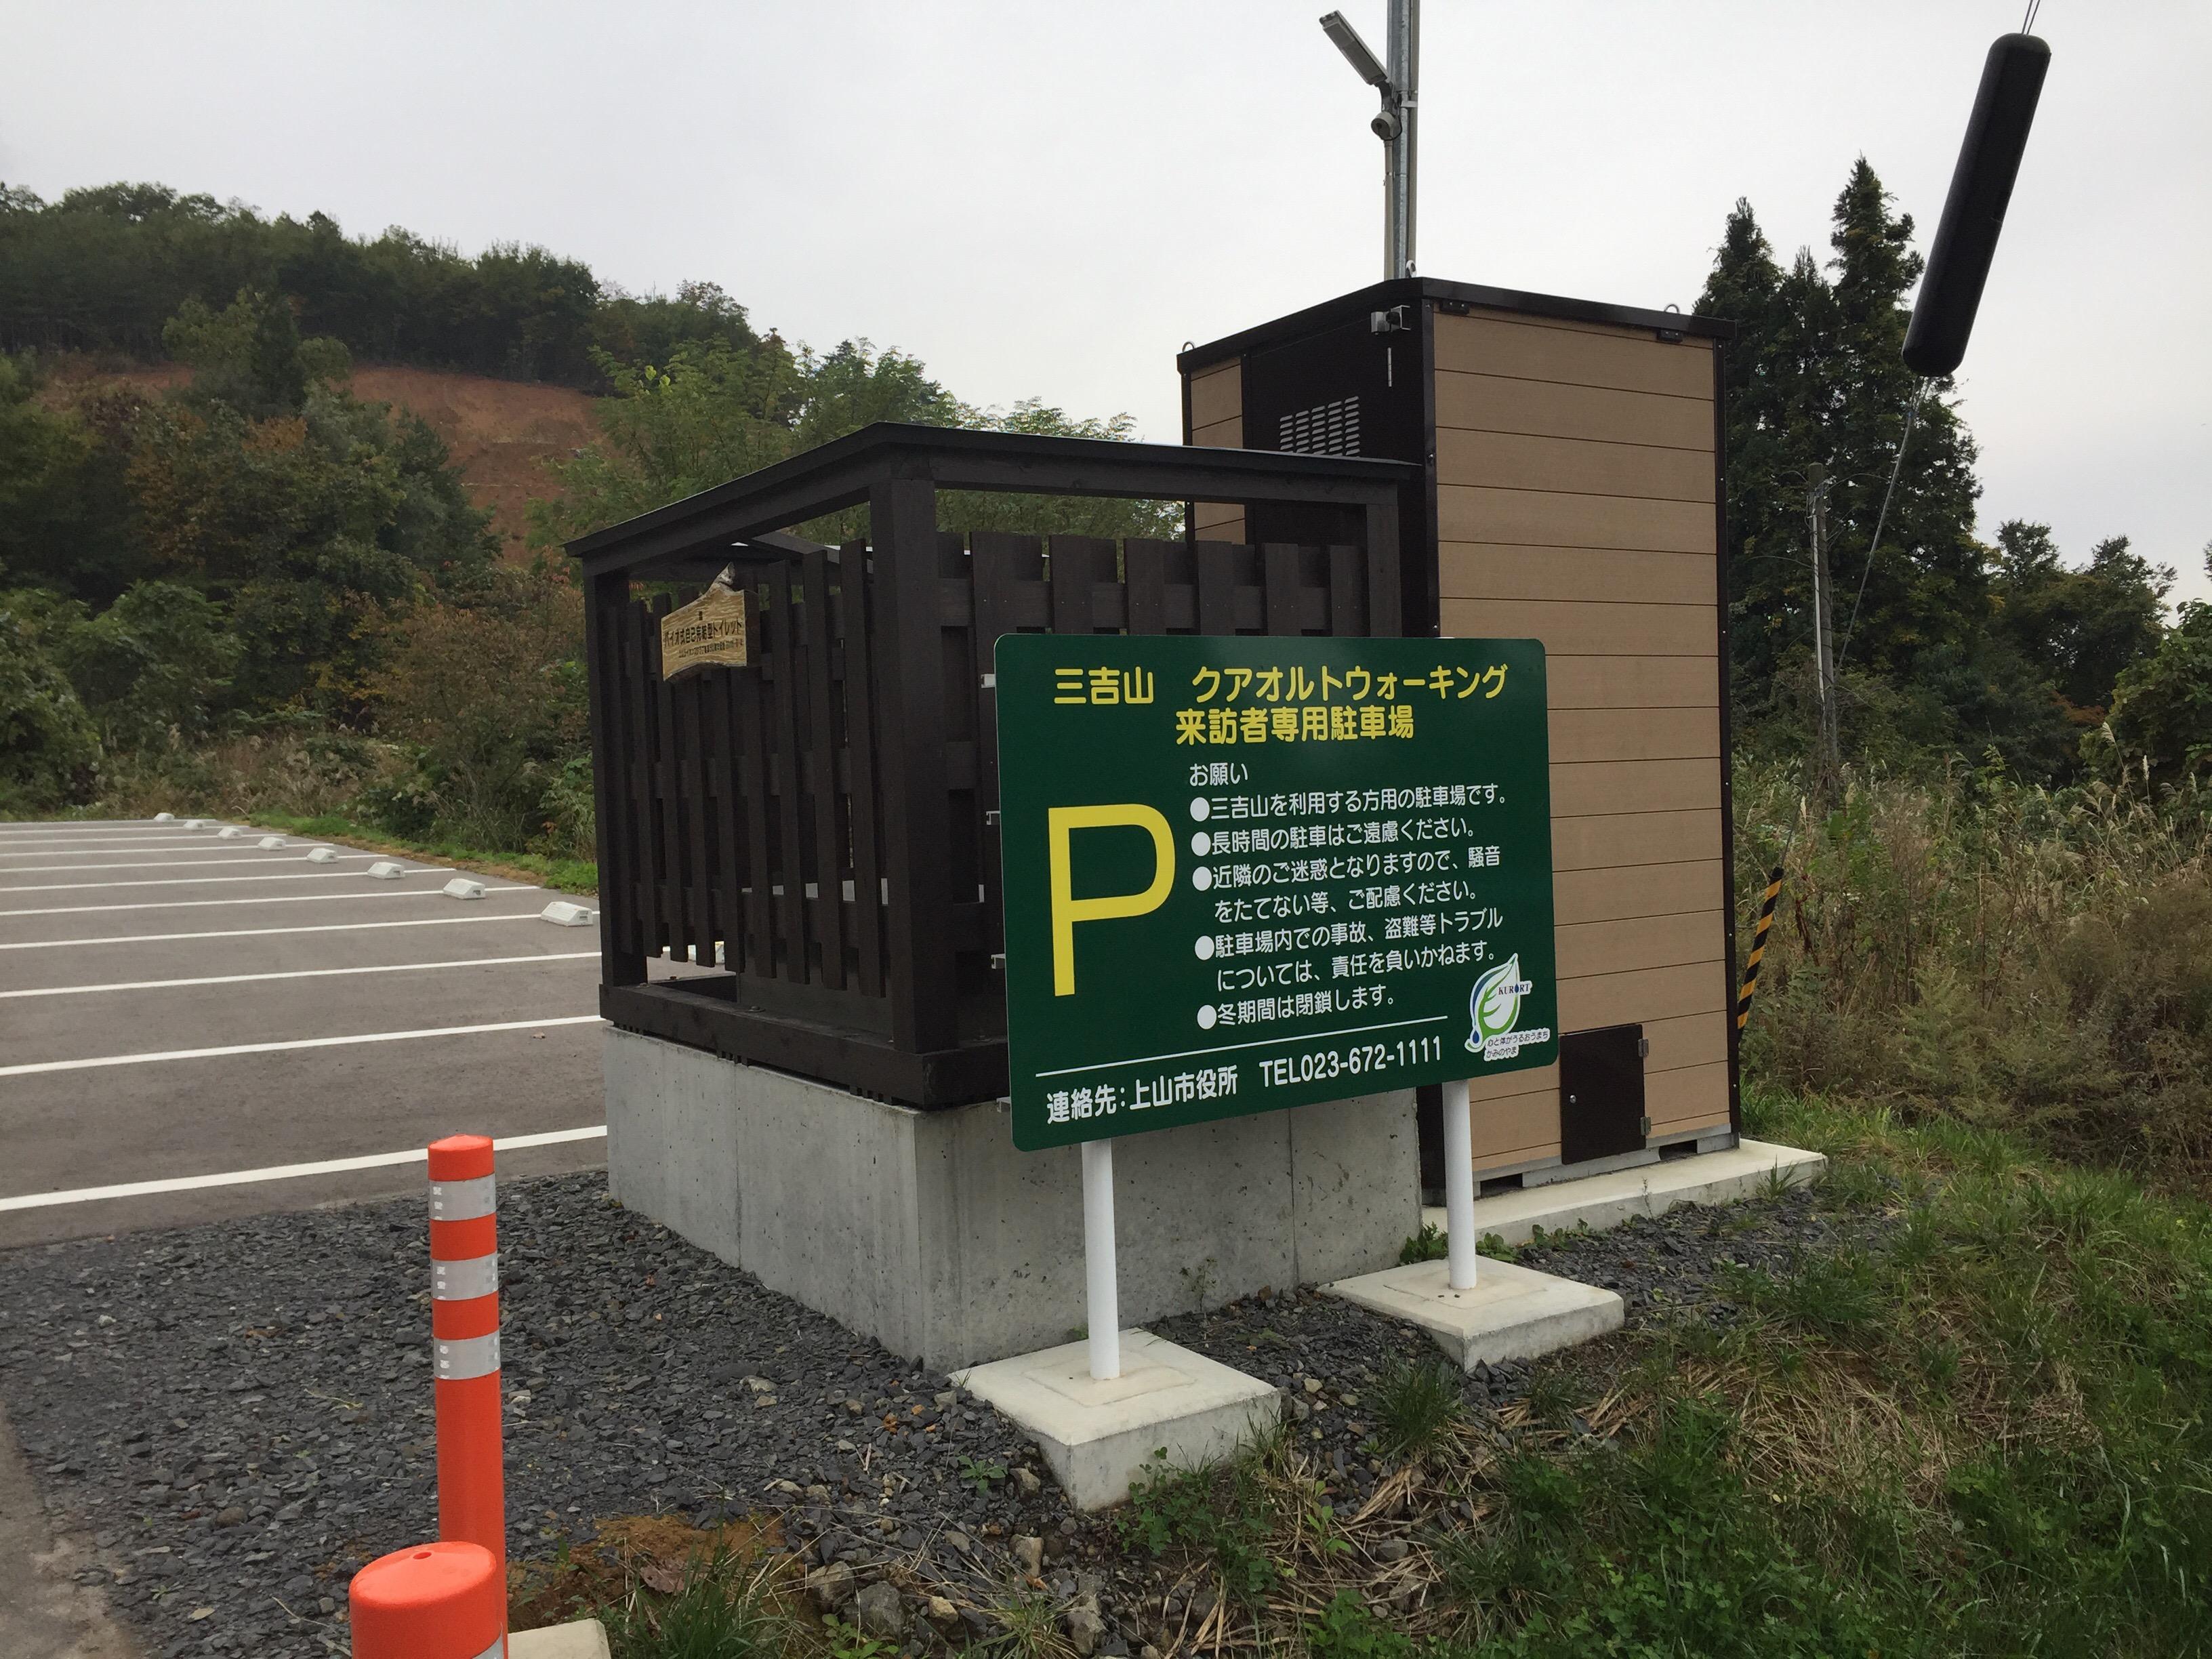 三吉山 上山葉山 クアオルト ウォーキング 駐車場 トイレ